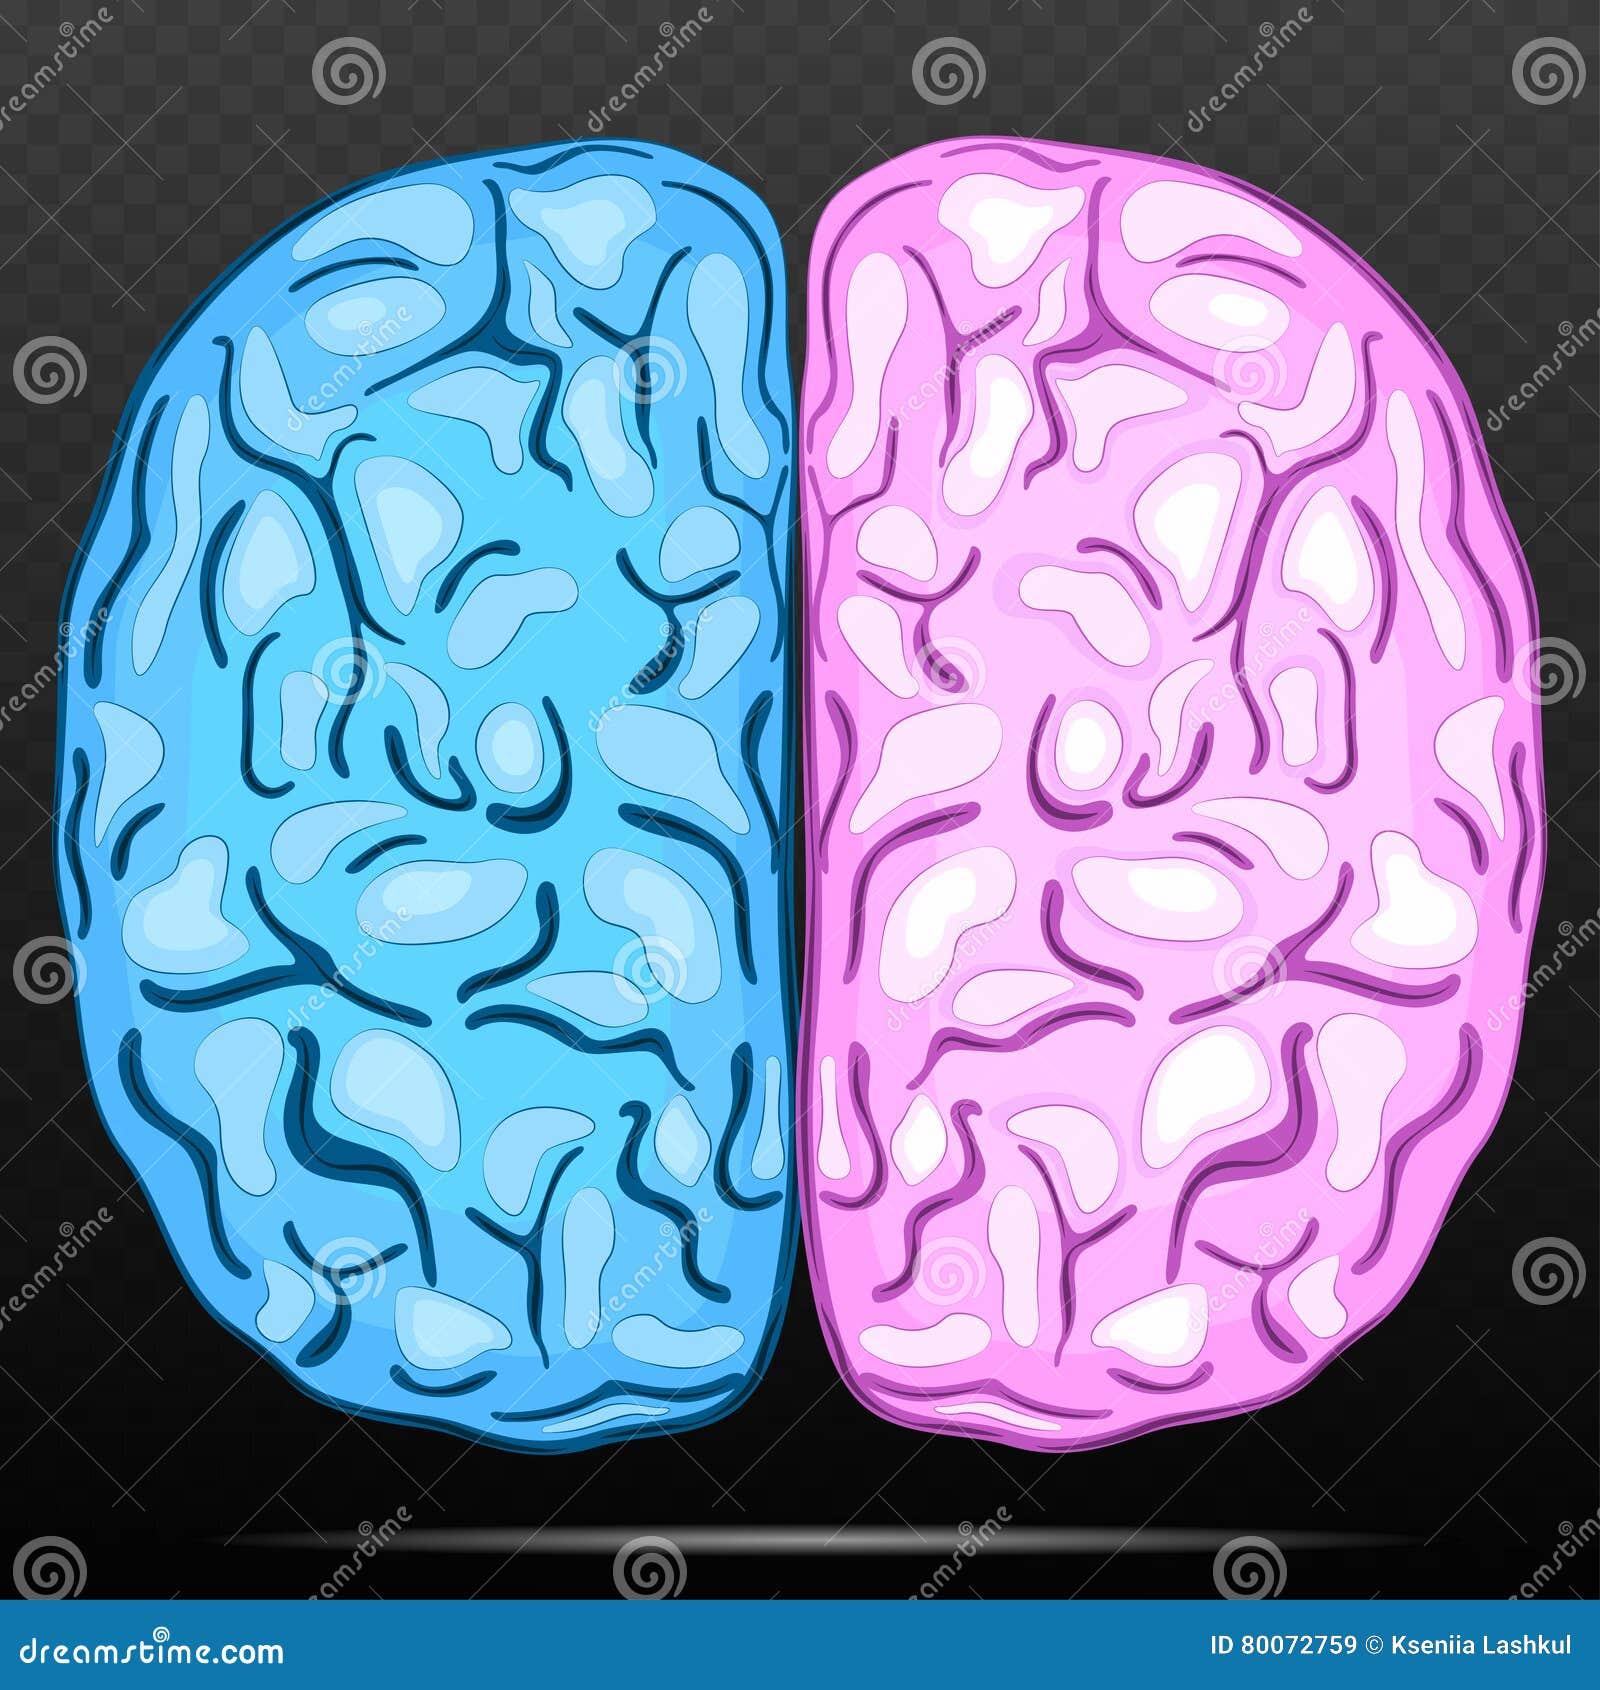 Linke Und Rechte Hemisphäre Des Menschlichen Gehirns Vektor ...